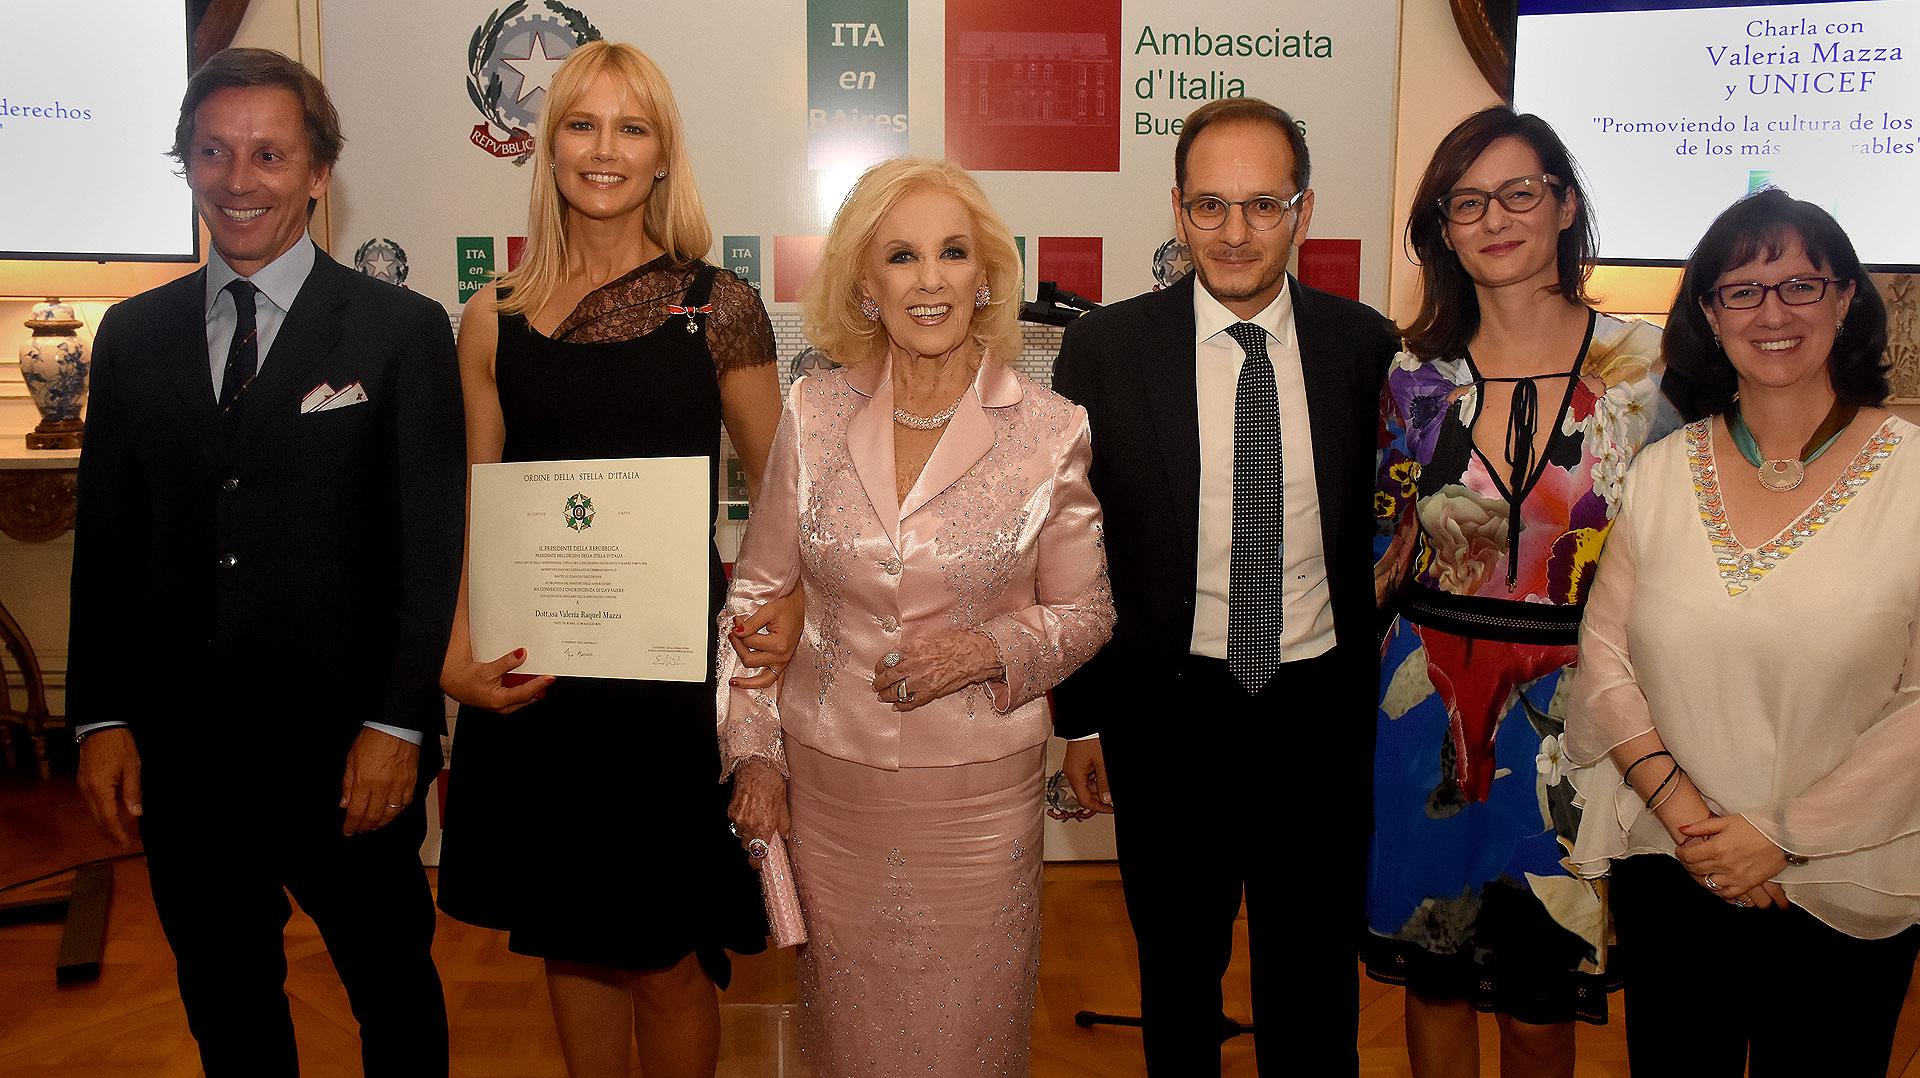 Alejandro Gravier, Valeria Mazza, Mirtha Legrand, el embajador italiano Giuseppe Manzo, y su mujer Alma, y Olga Izasa, representante adjunta de UNICEF Argentina